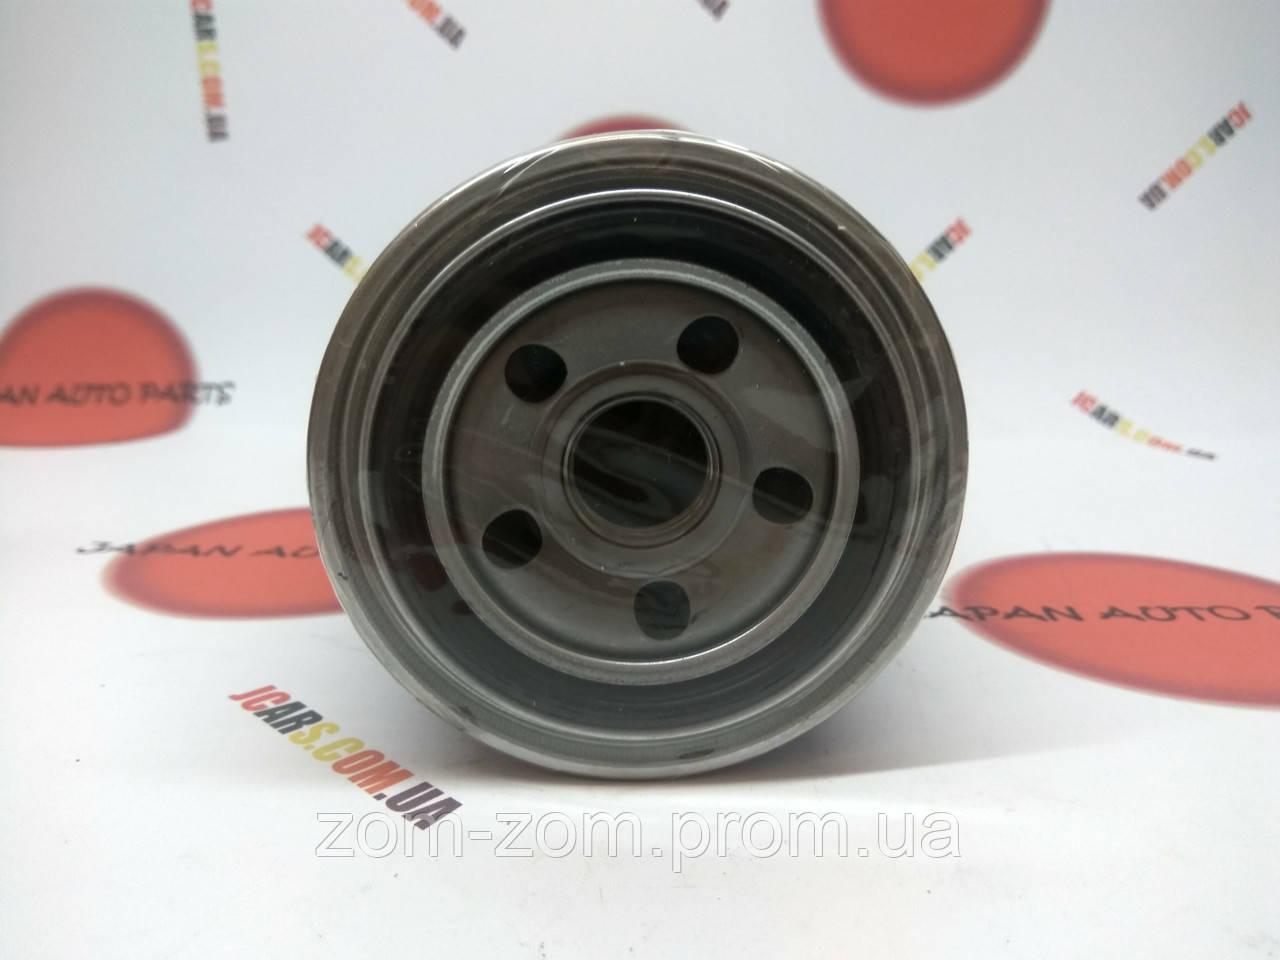 Фильтр масляный PBM-001